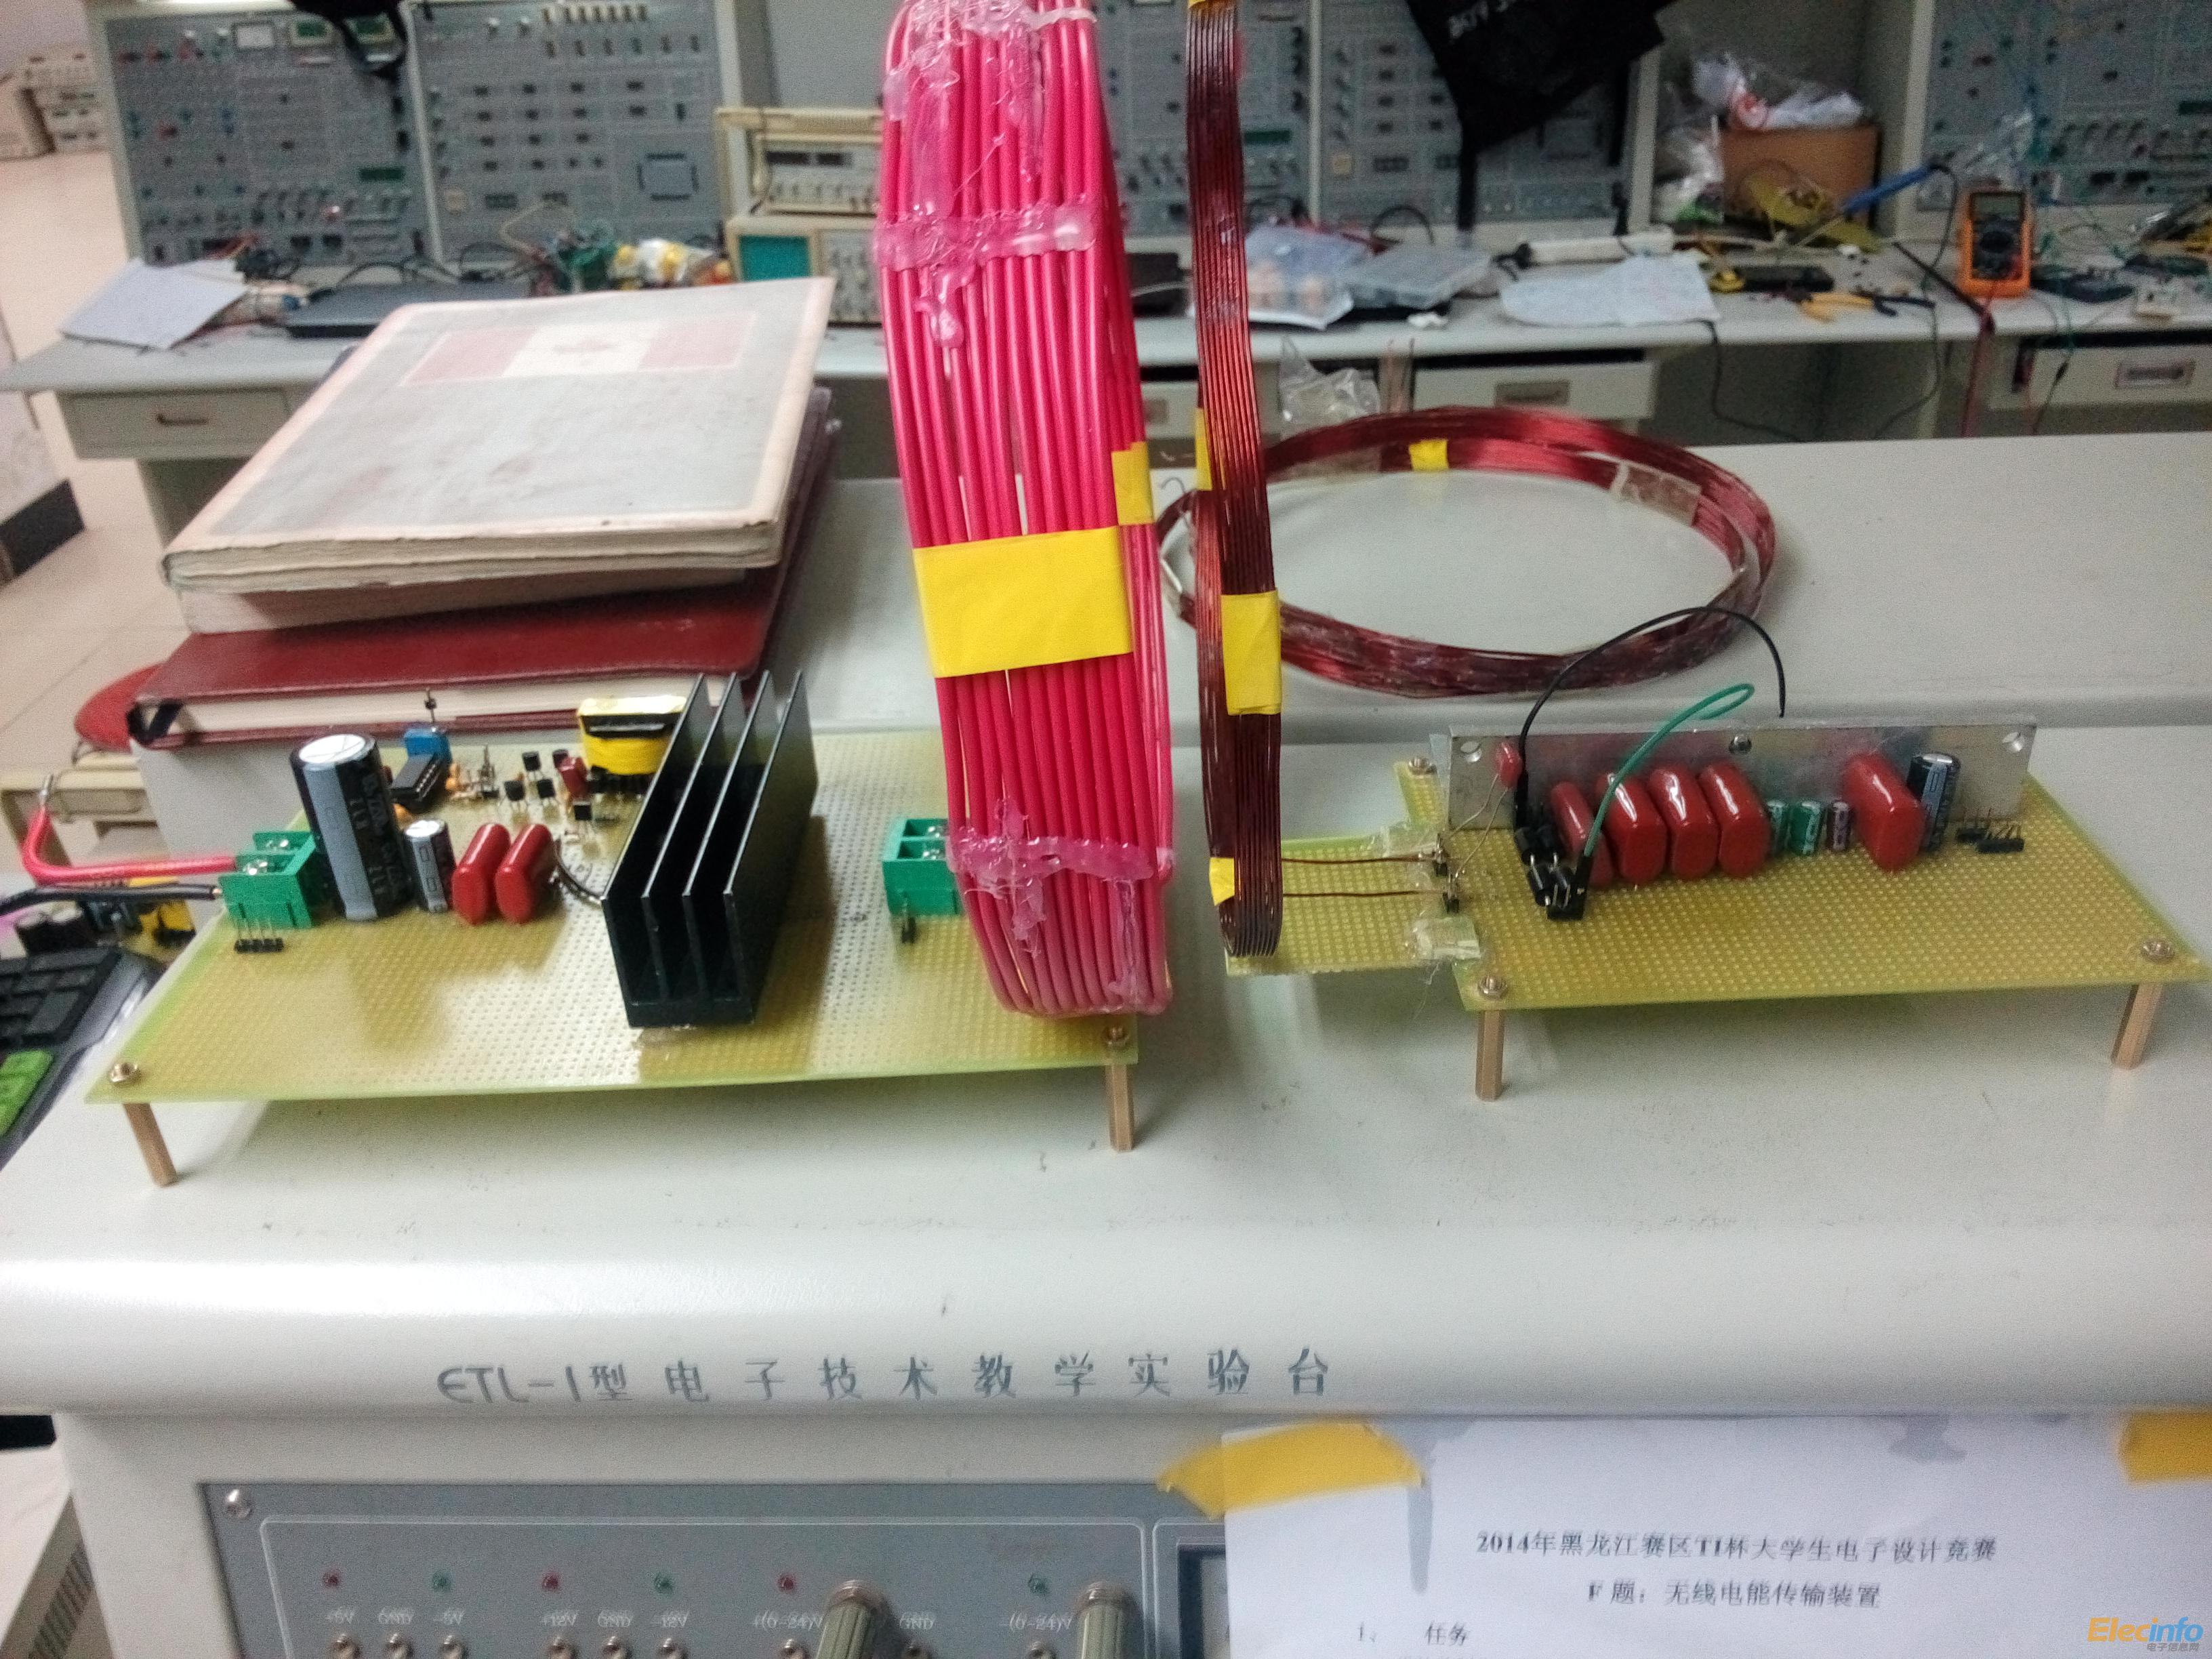 【比赛作品展示】无线电能传输装置